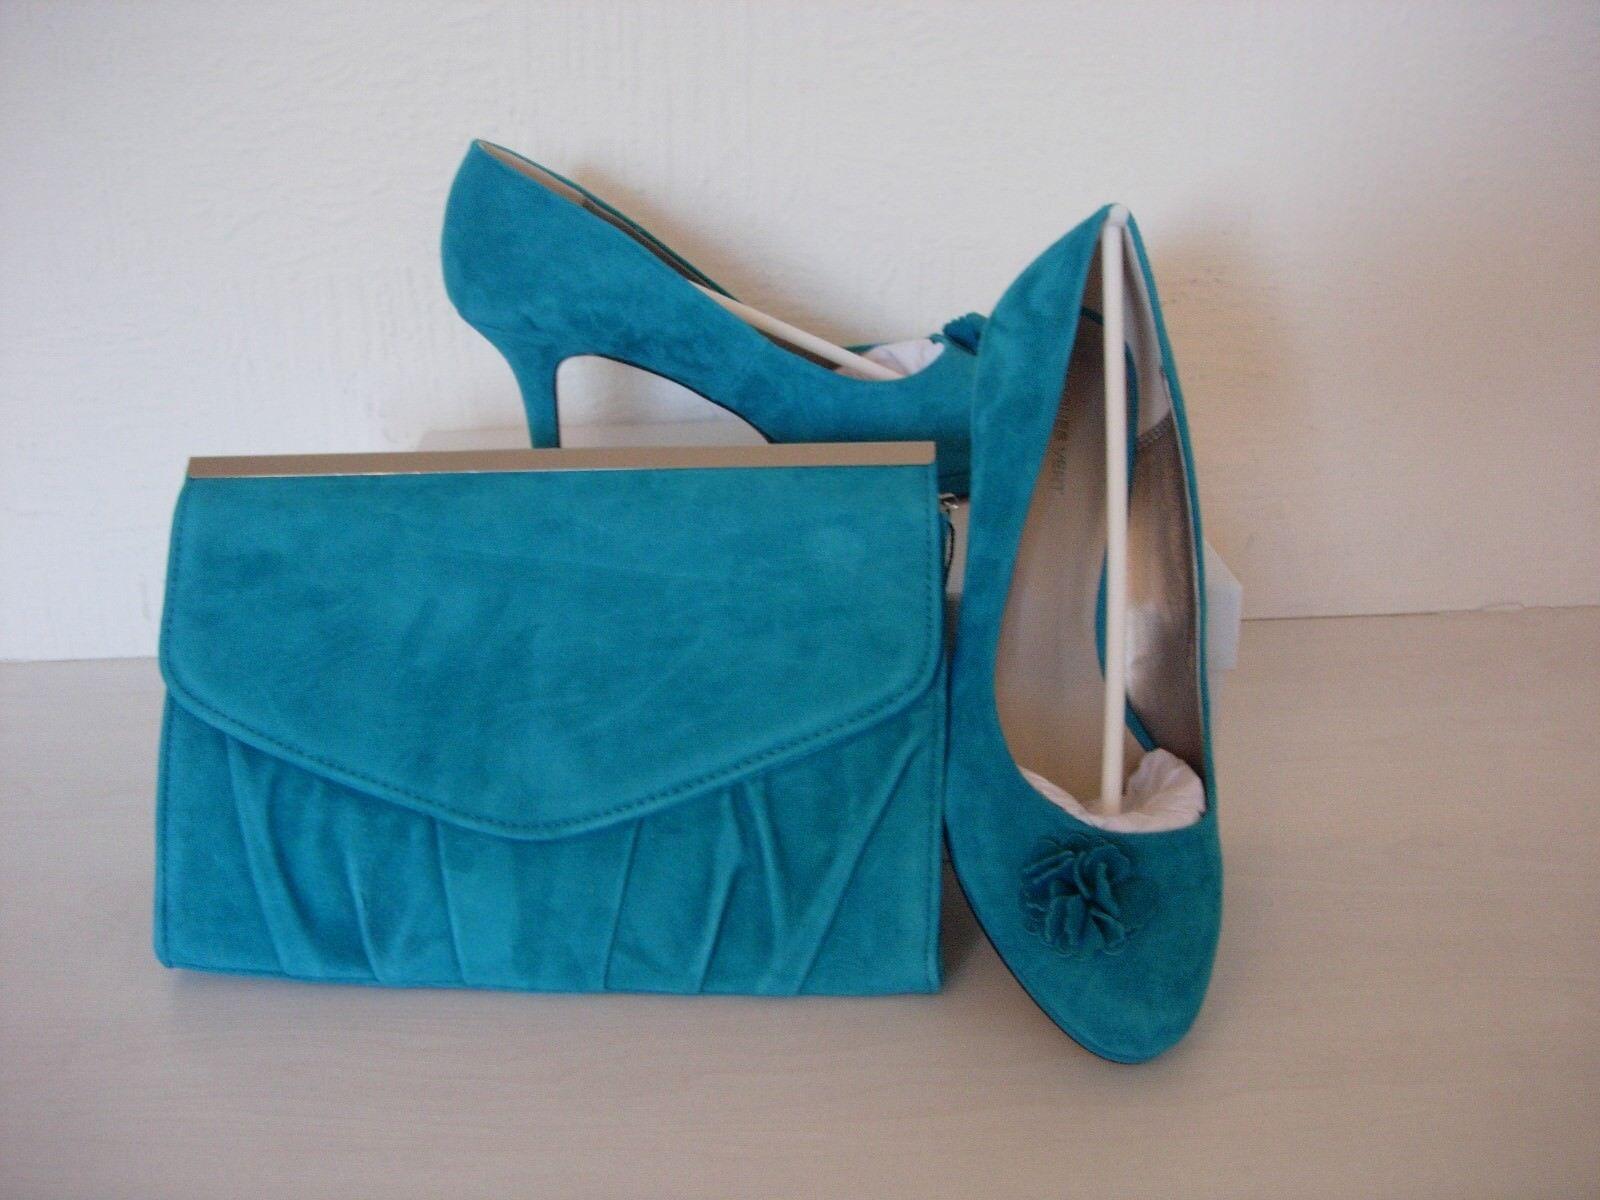 Jacques Vert Daim Ruffle Trim chaussures et sac assorti-Vert Bleu Taille 6-NEUF